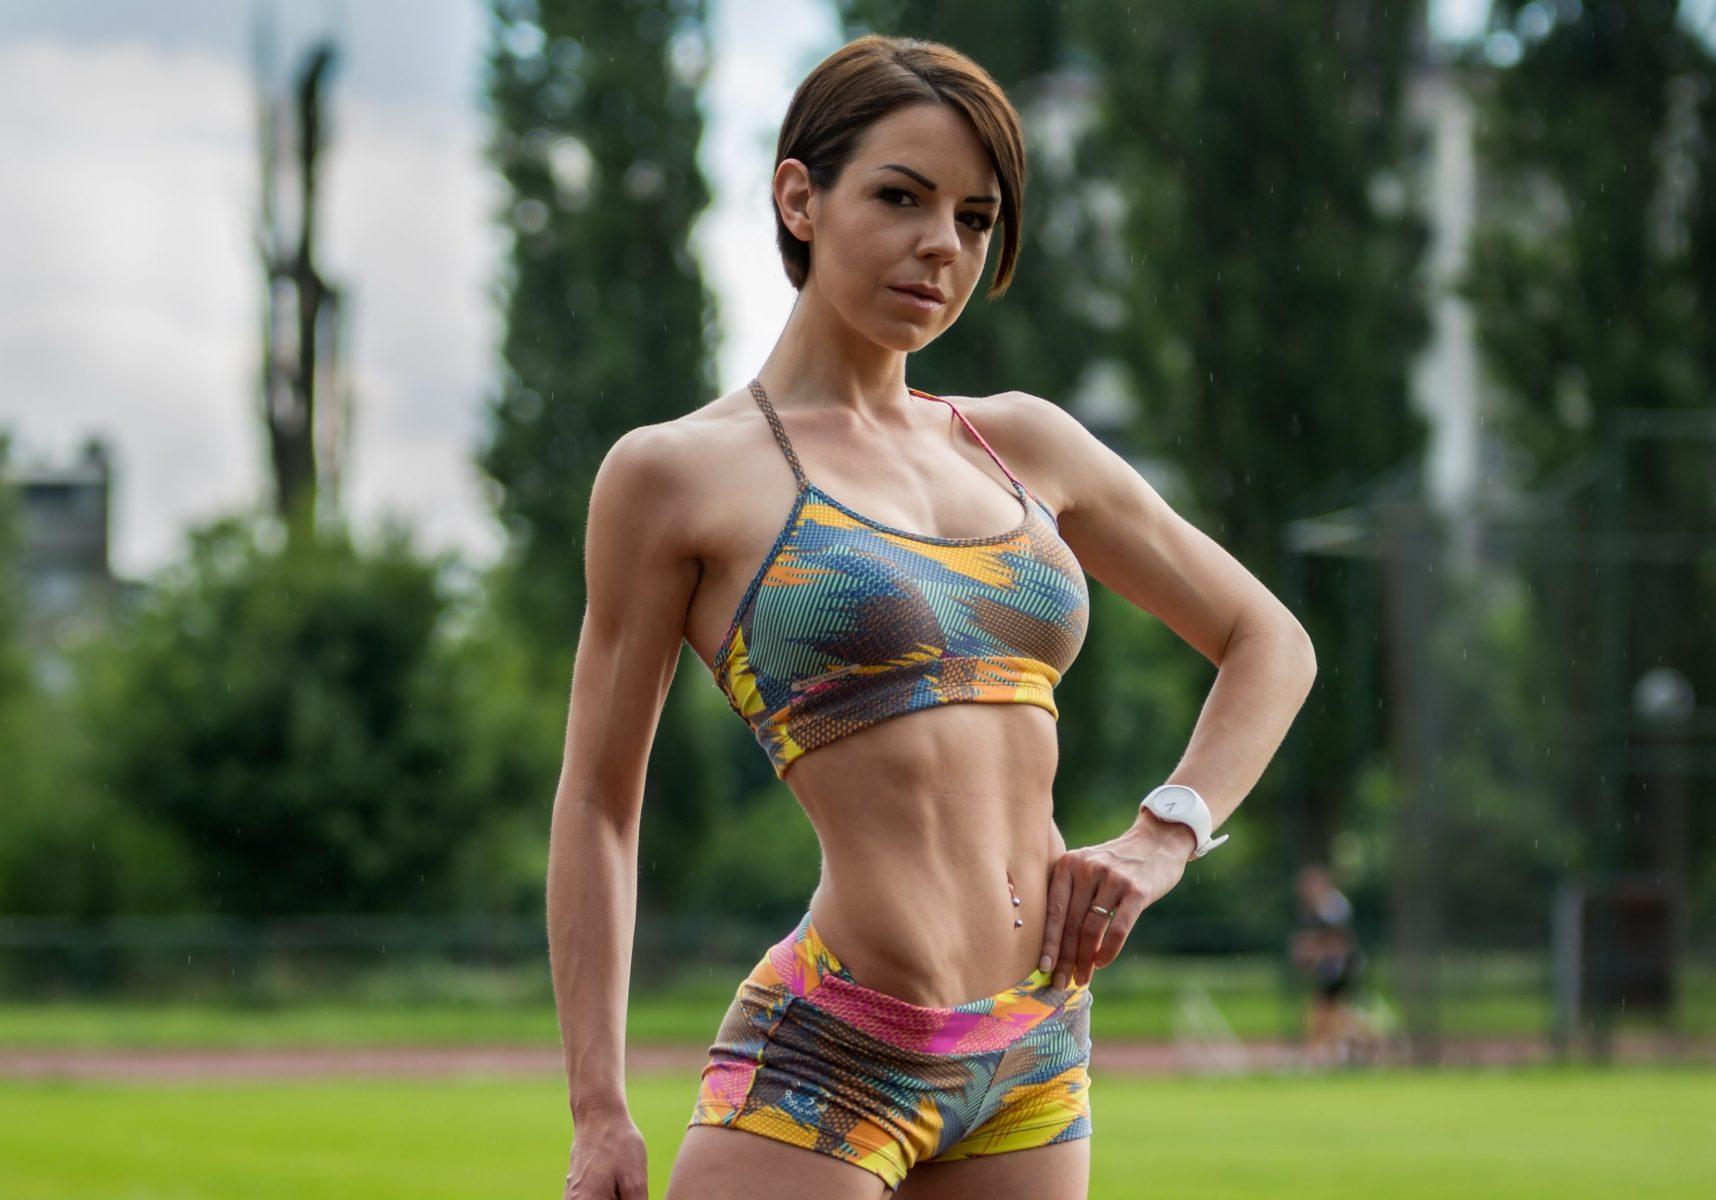 Koliko je vremena potrebno za izgraditi savršeno žensko tijelo?